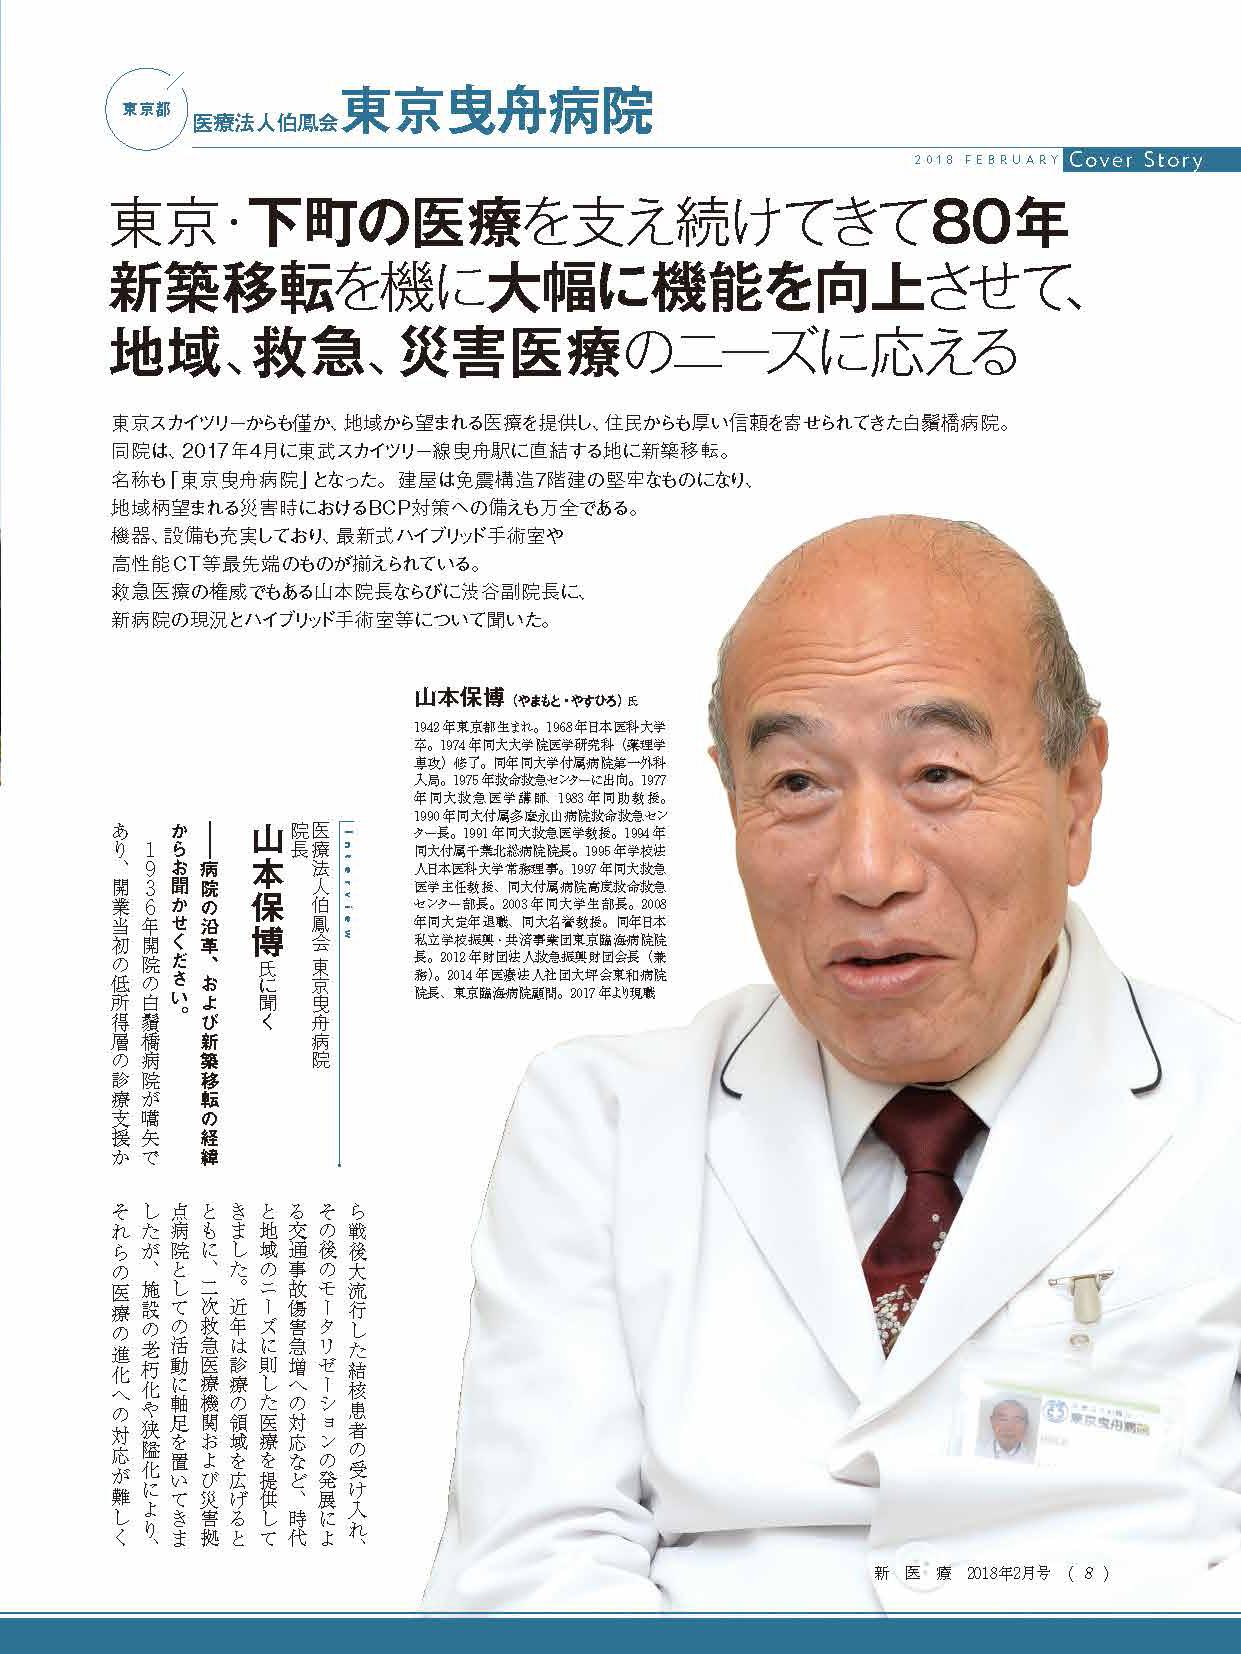 伯鳳会 東京曳舟病院